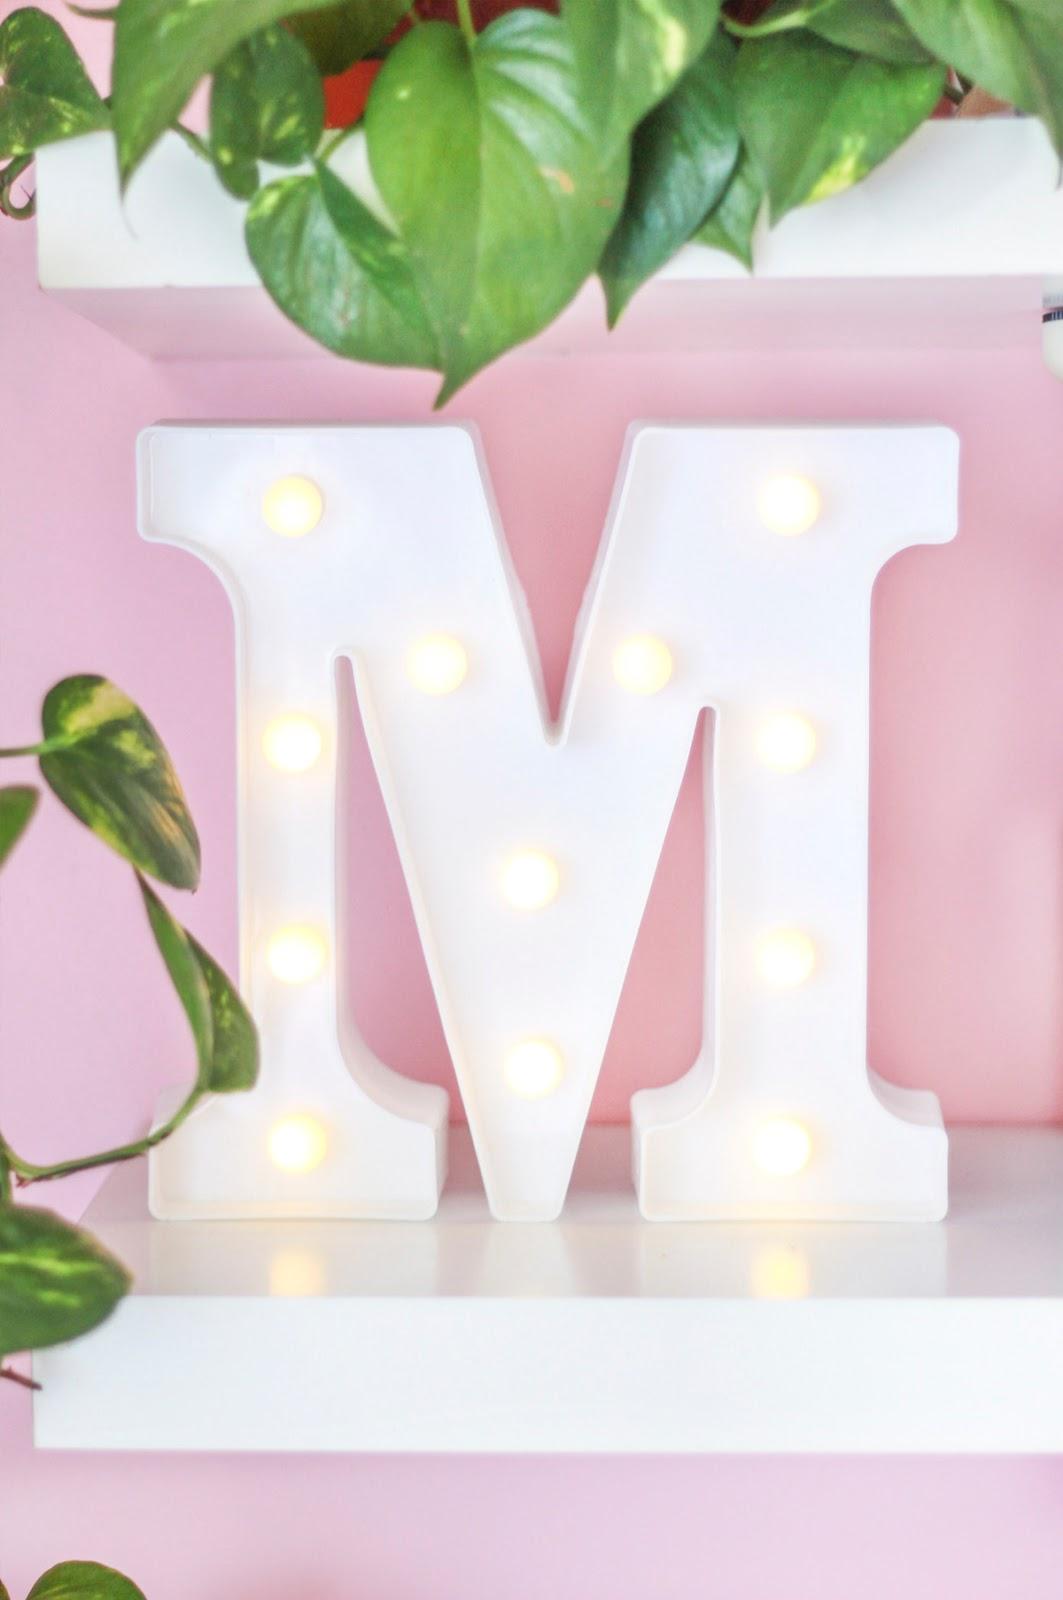 letreiro luminoso letra M